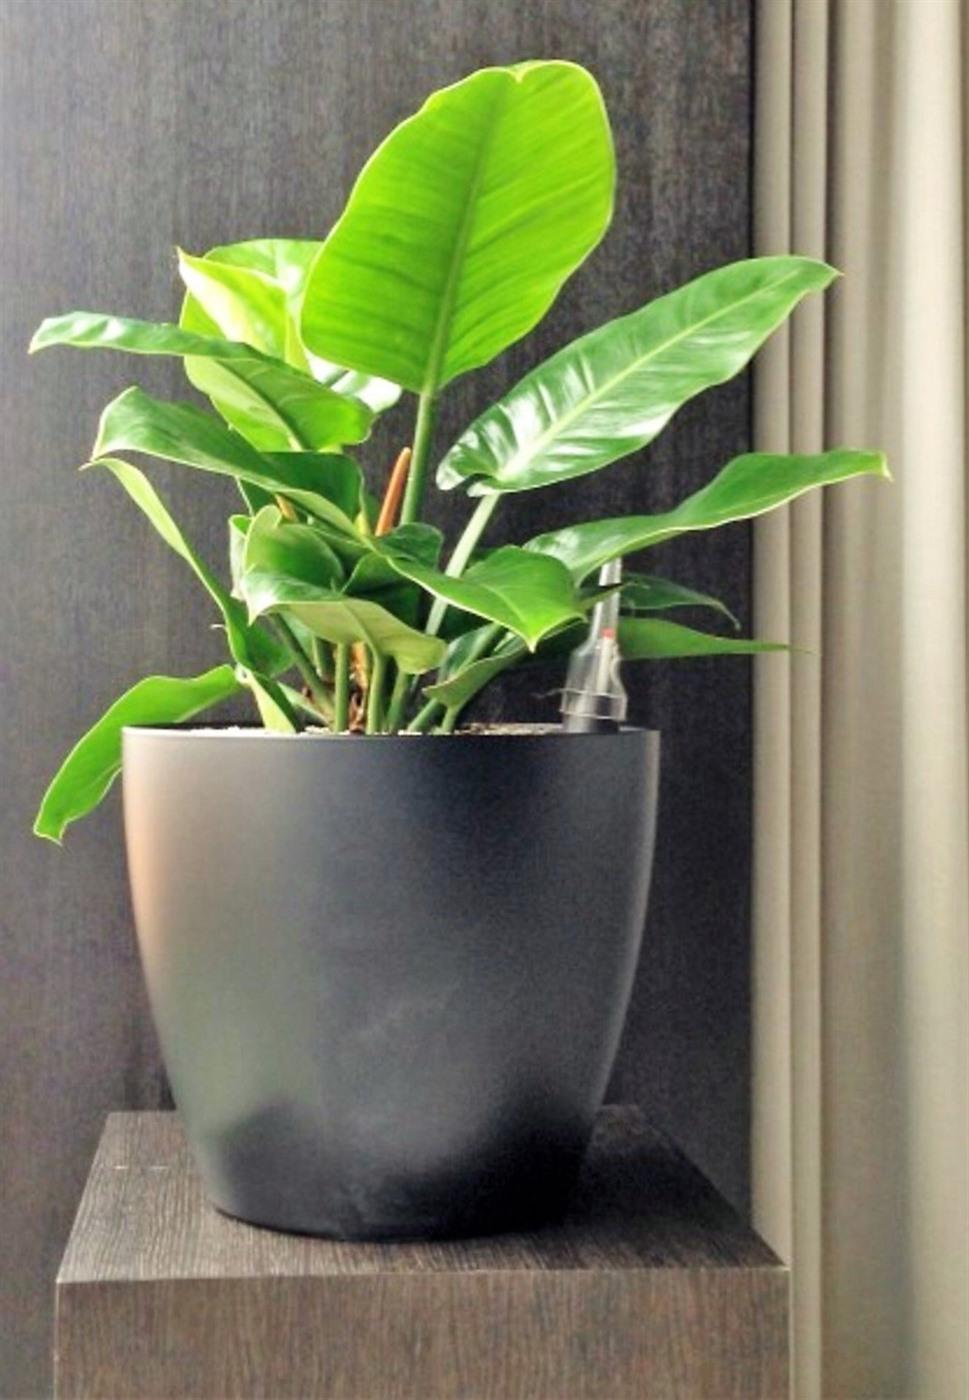 Acheter des plantes de bureau chez anygreen for Achat plante